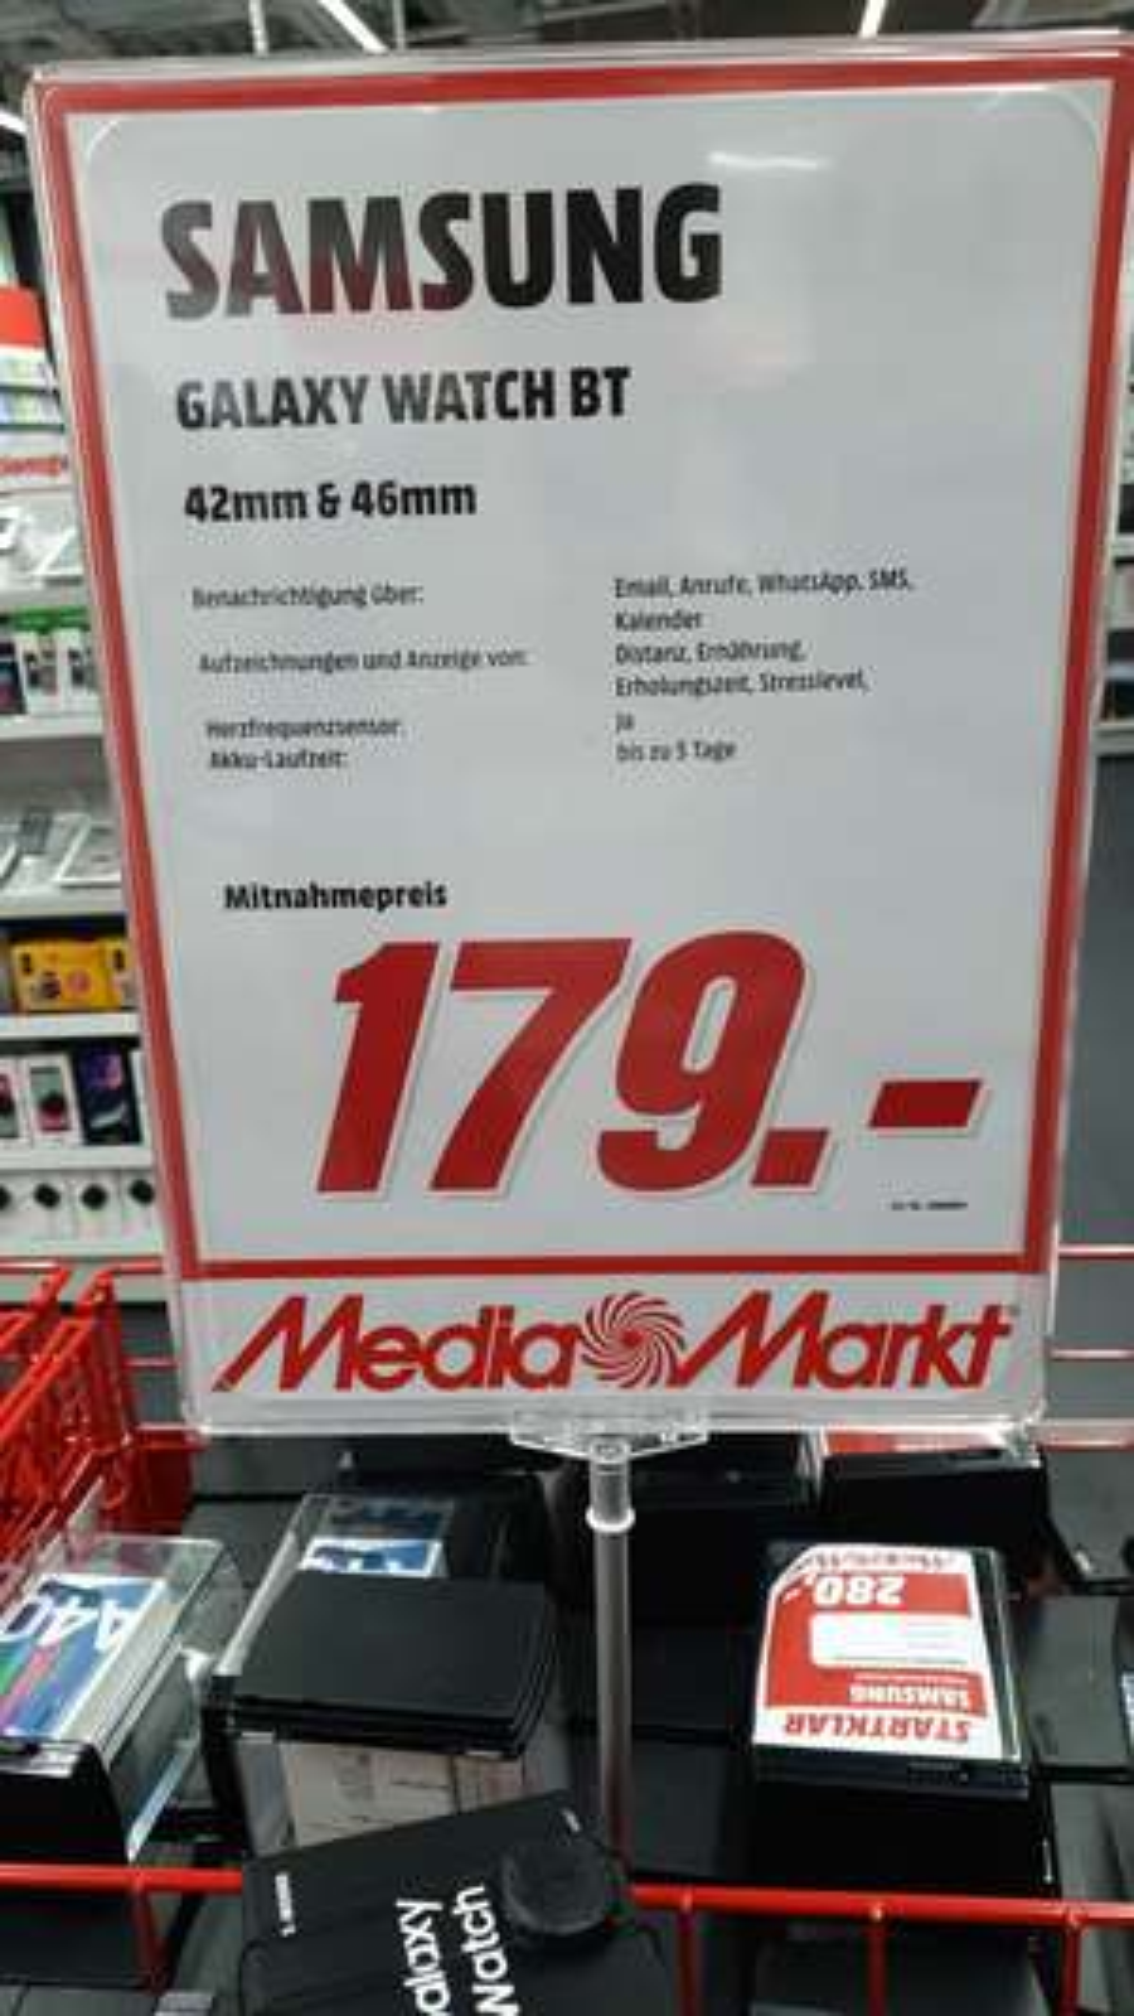 Samsung Galaxy Watch 42mm ODER 46mm [LOKAL Media Markt Papenburg, Emden, Leer]